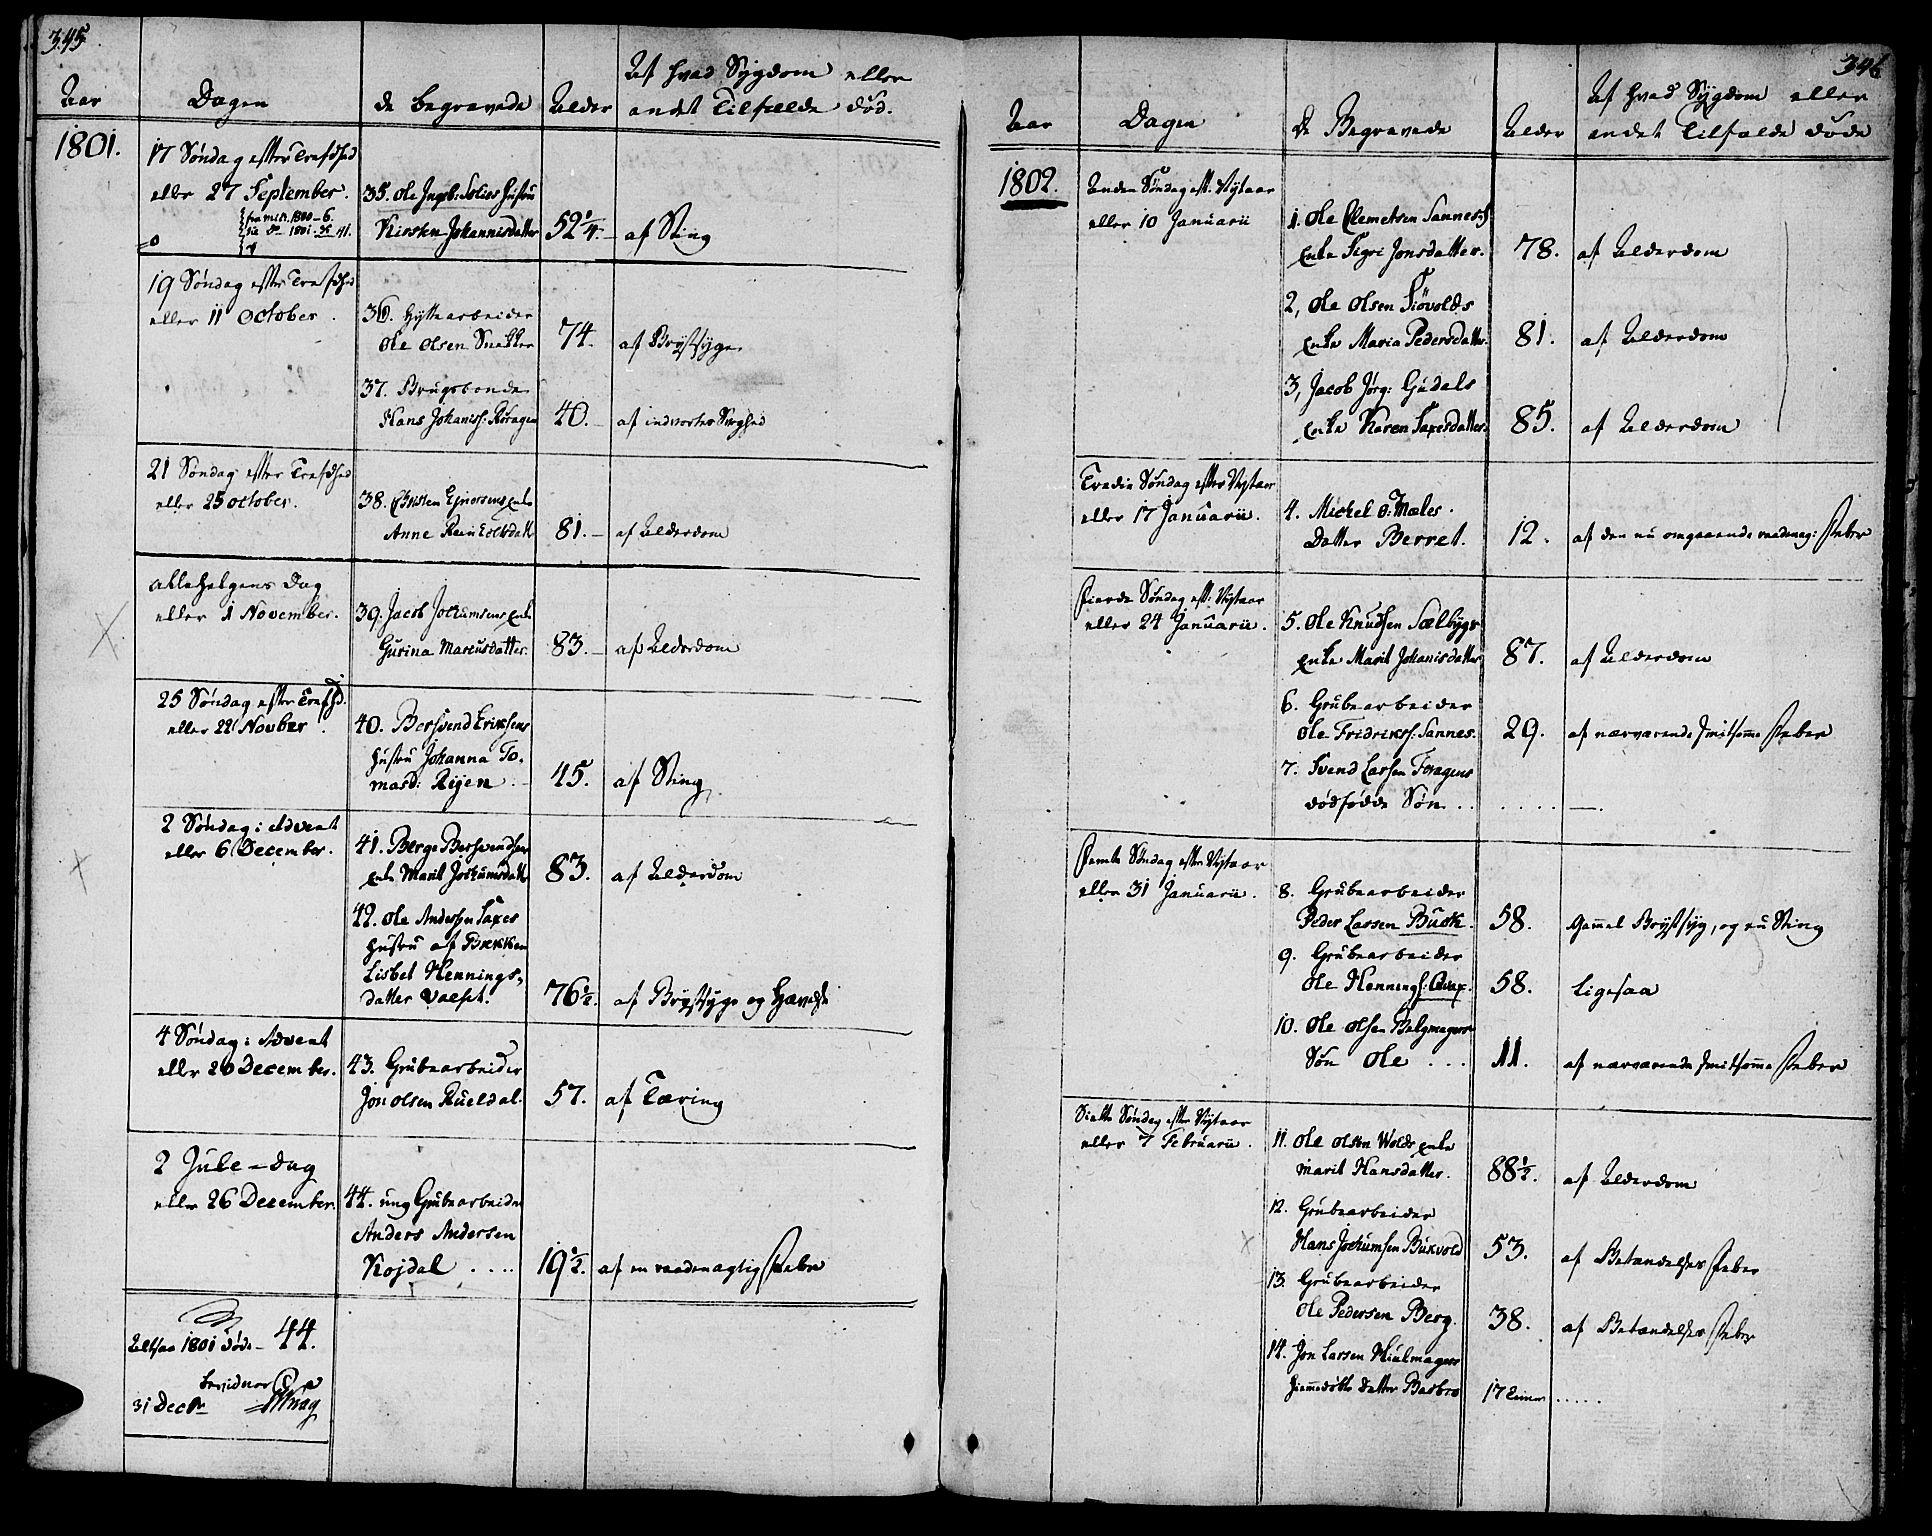 SAT, Ministerialprotokoller, klokkerbøker og fødselsregistre - Sør-Trøndelag, 681/L0927: Ministerialbok nr. 681A05, 1798-1808, s. 345-346